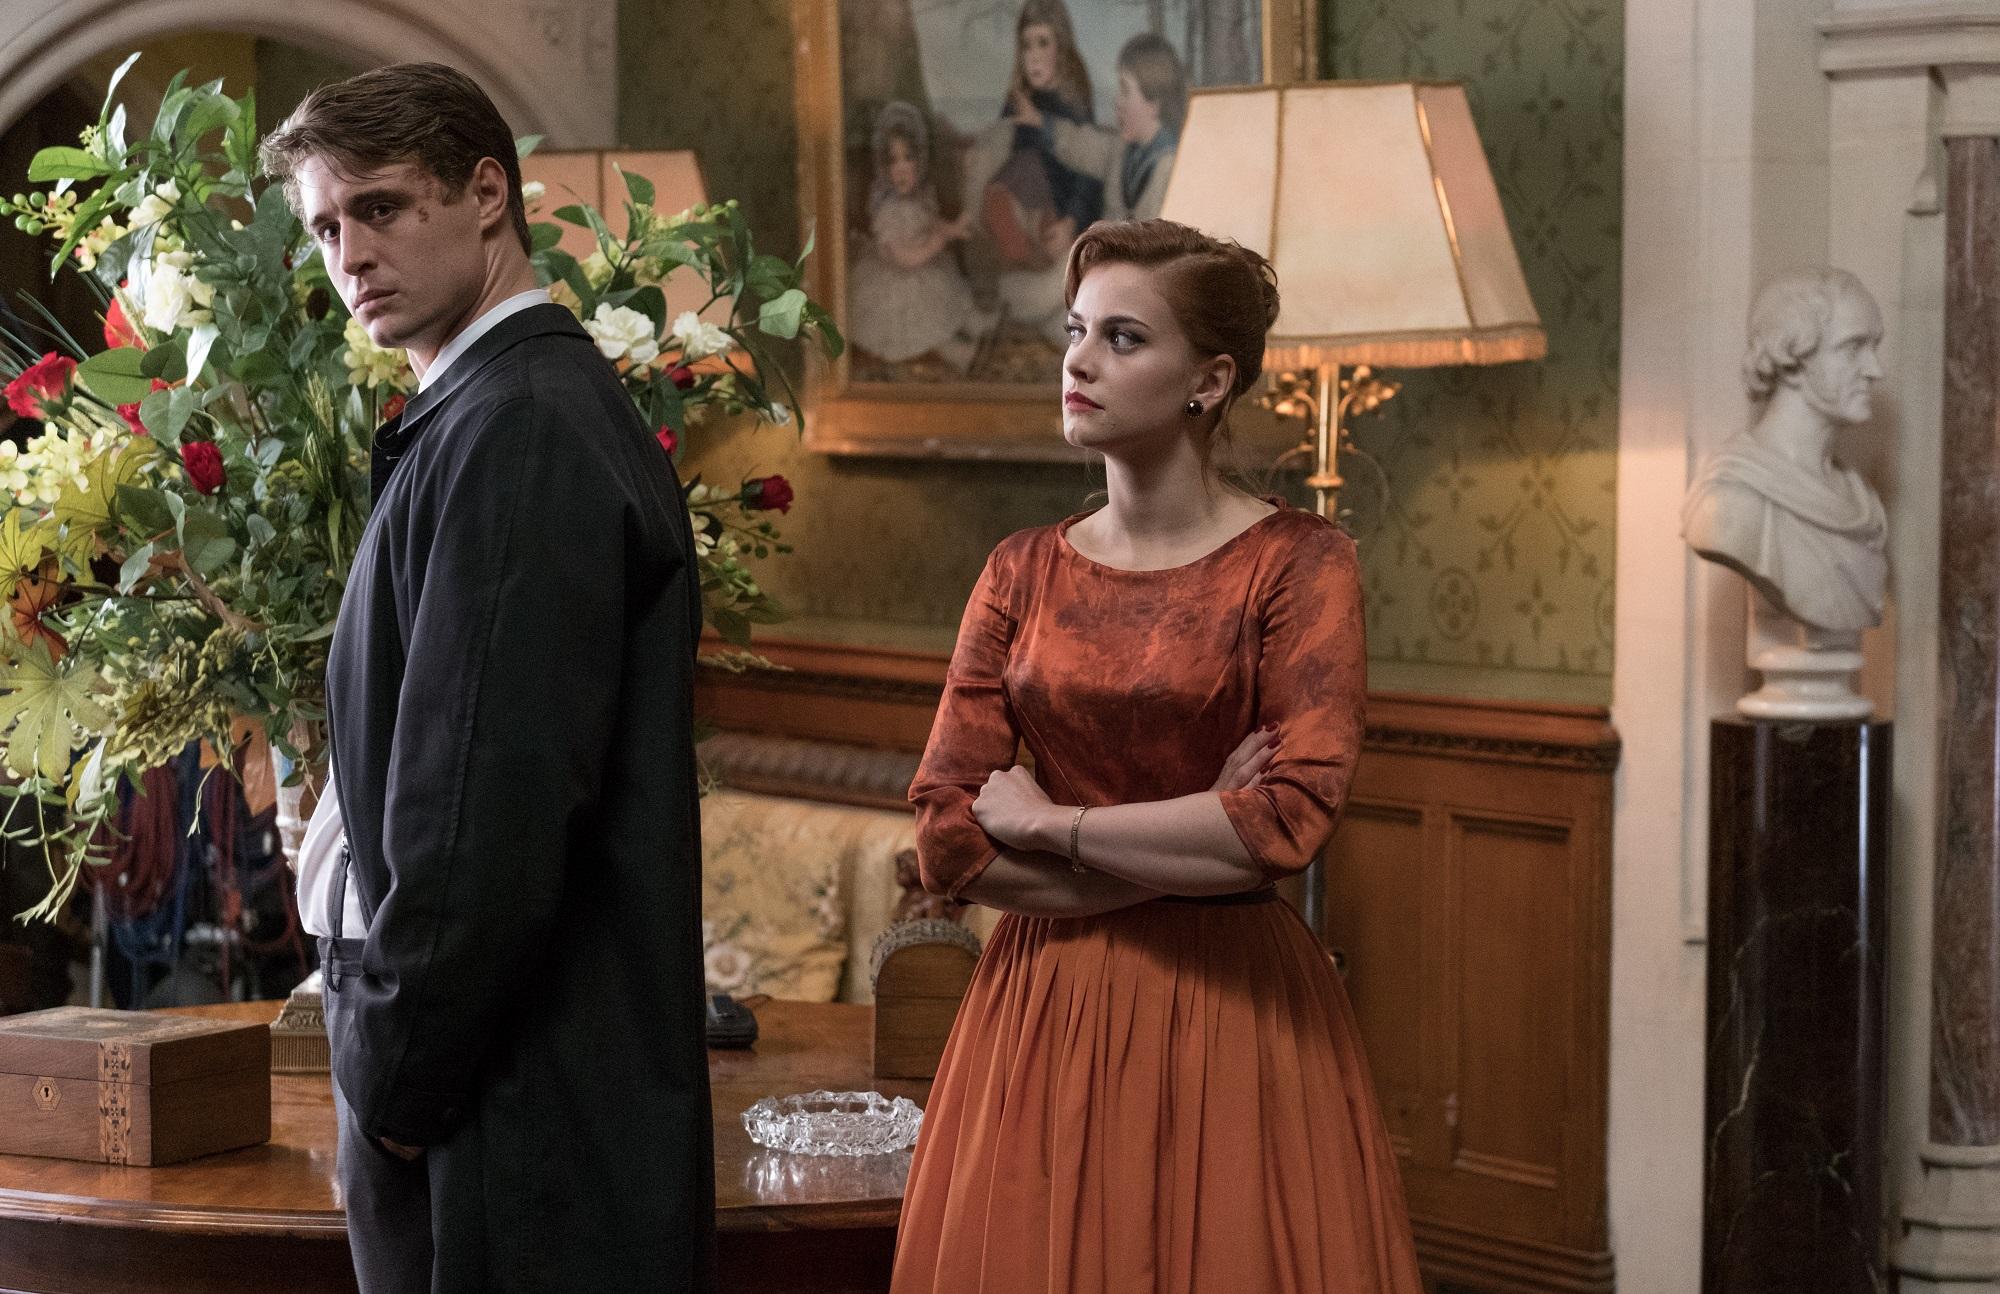 Das krumme Haus - Agatha Christie Verfilmung - The Crooked House - Agatha Christie Movie